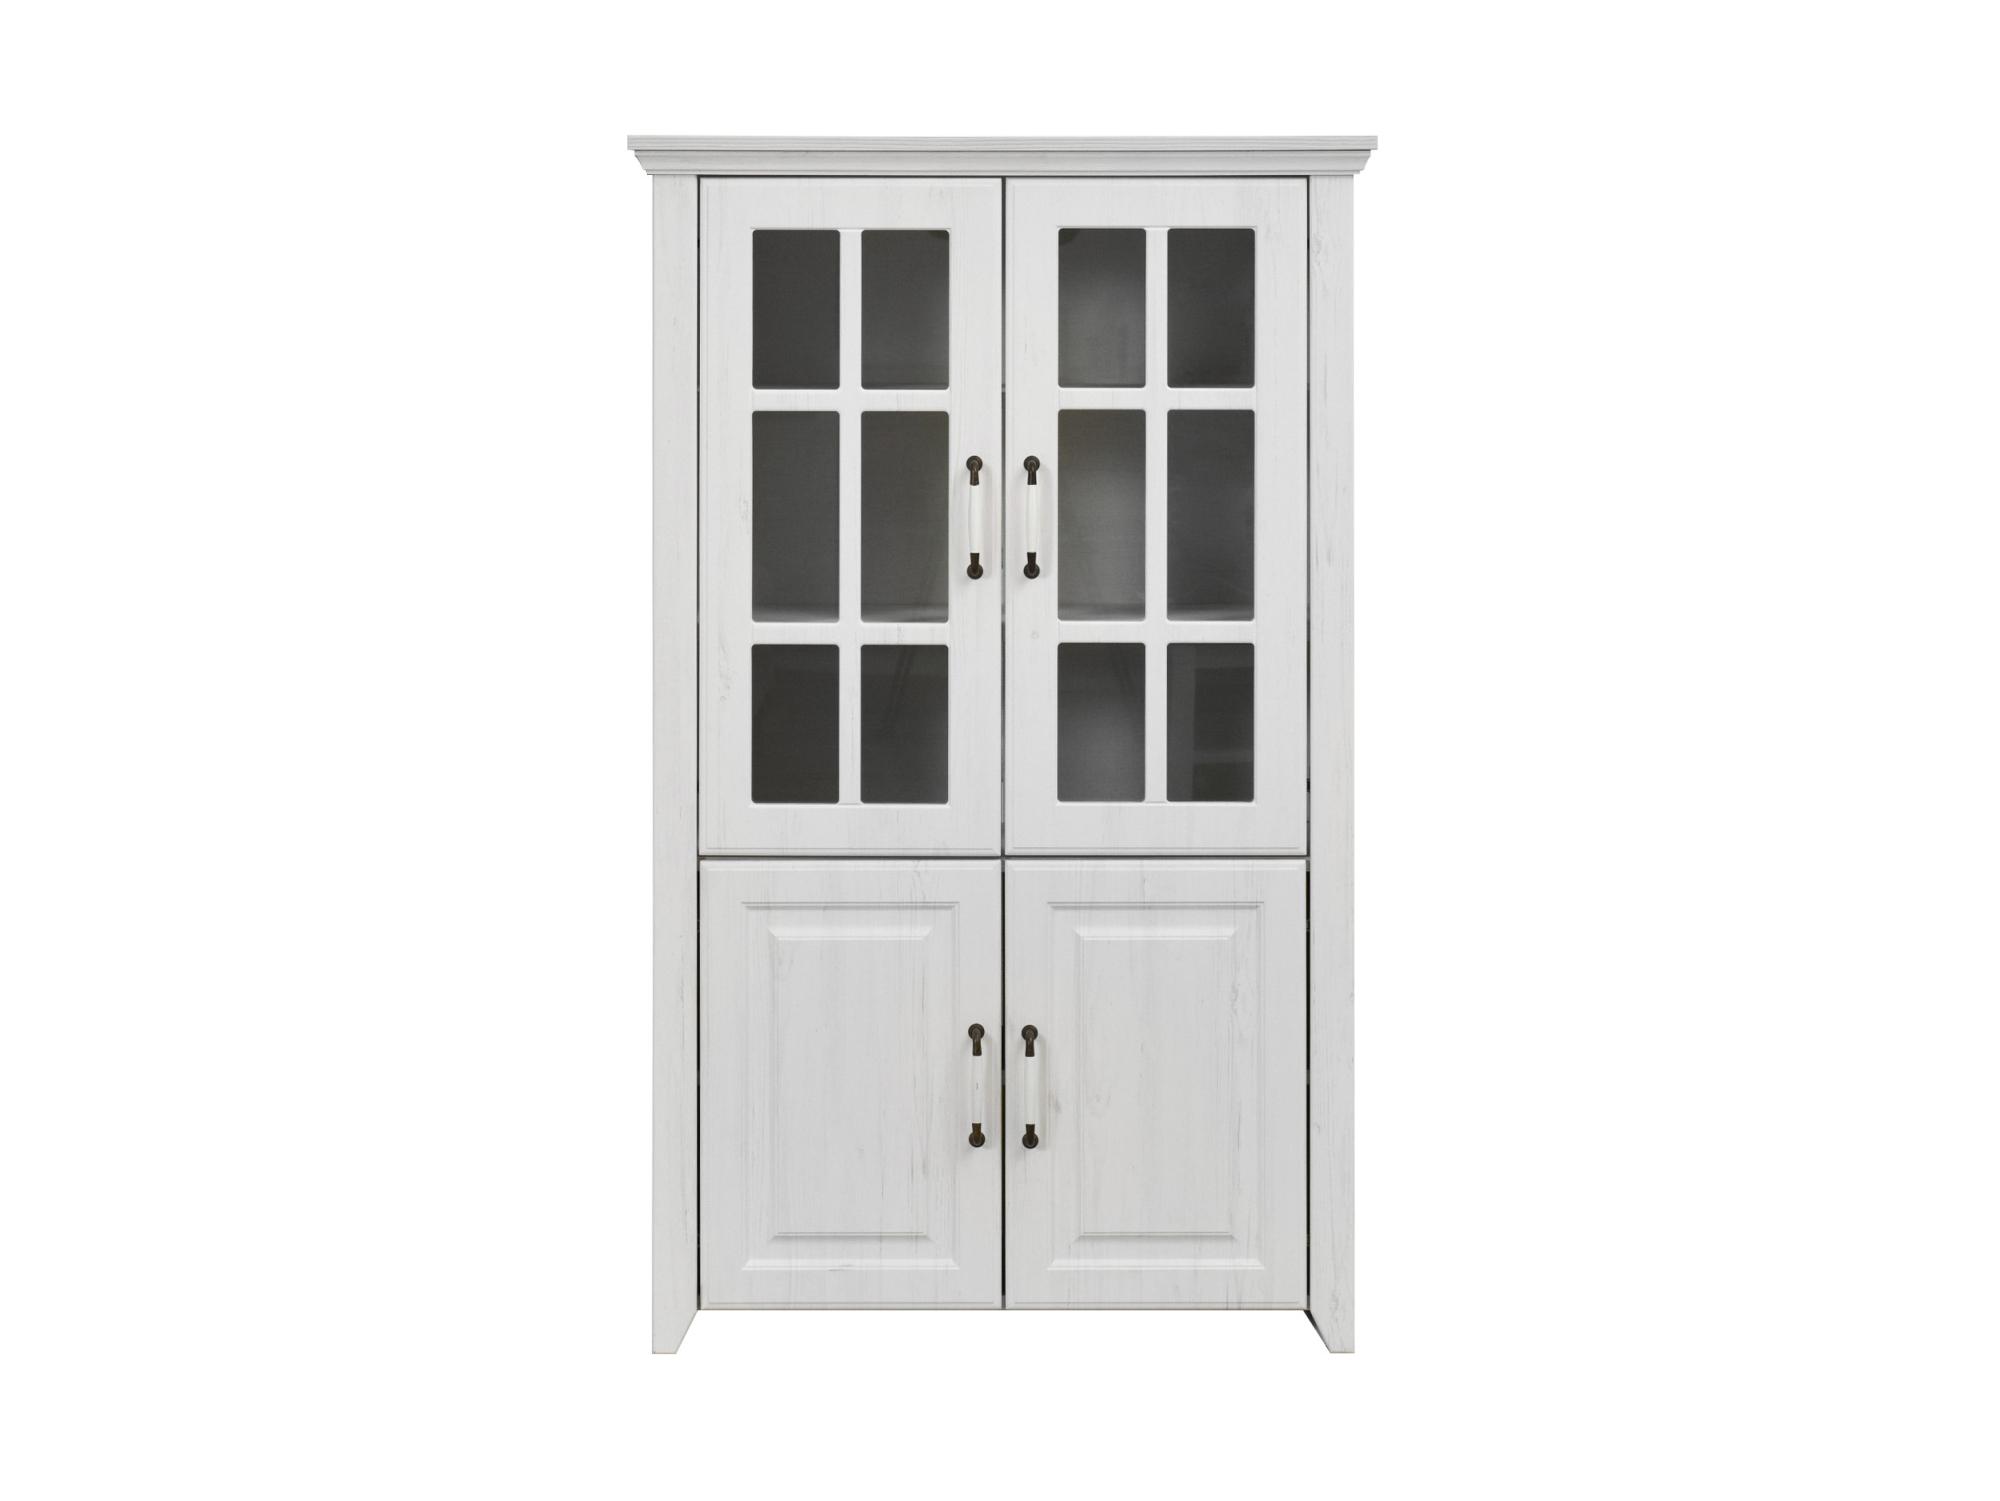 Rustic vitrina skleněná - nízká, rustic bílá